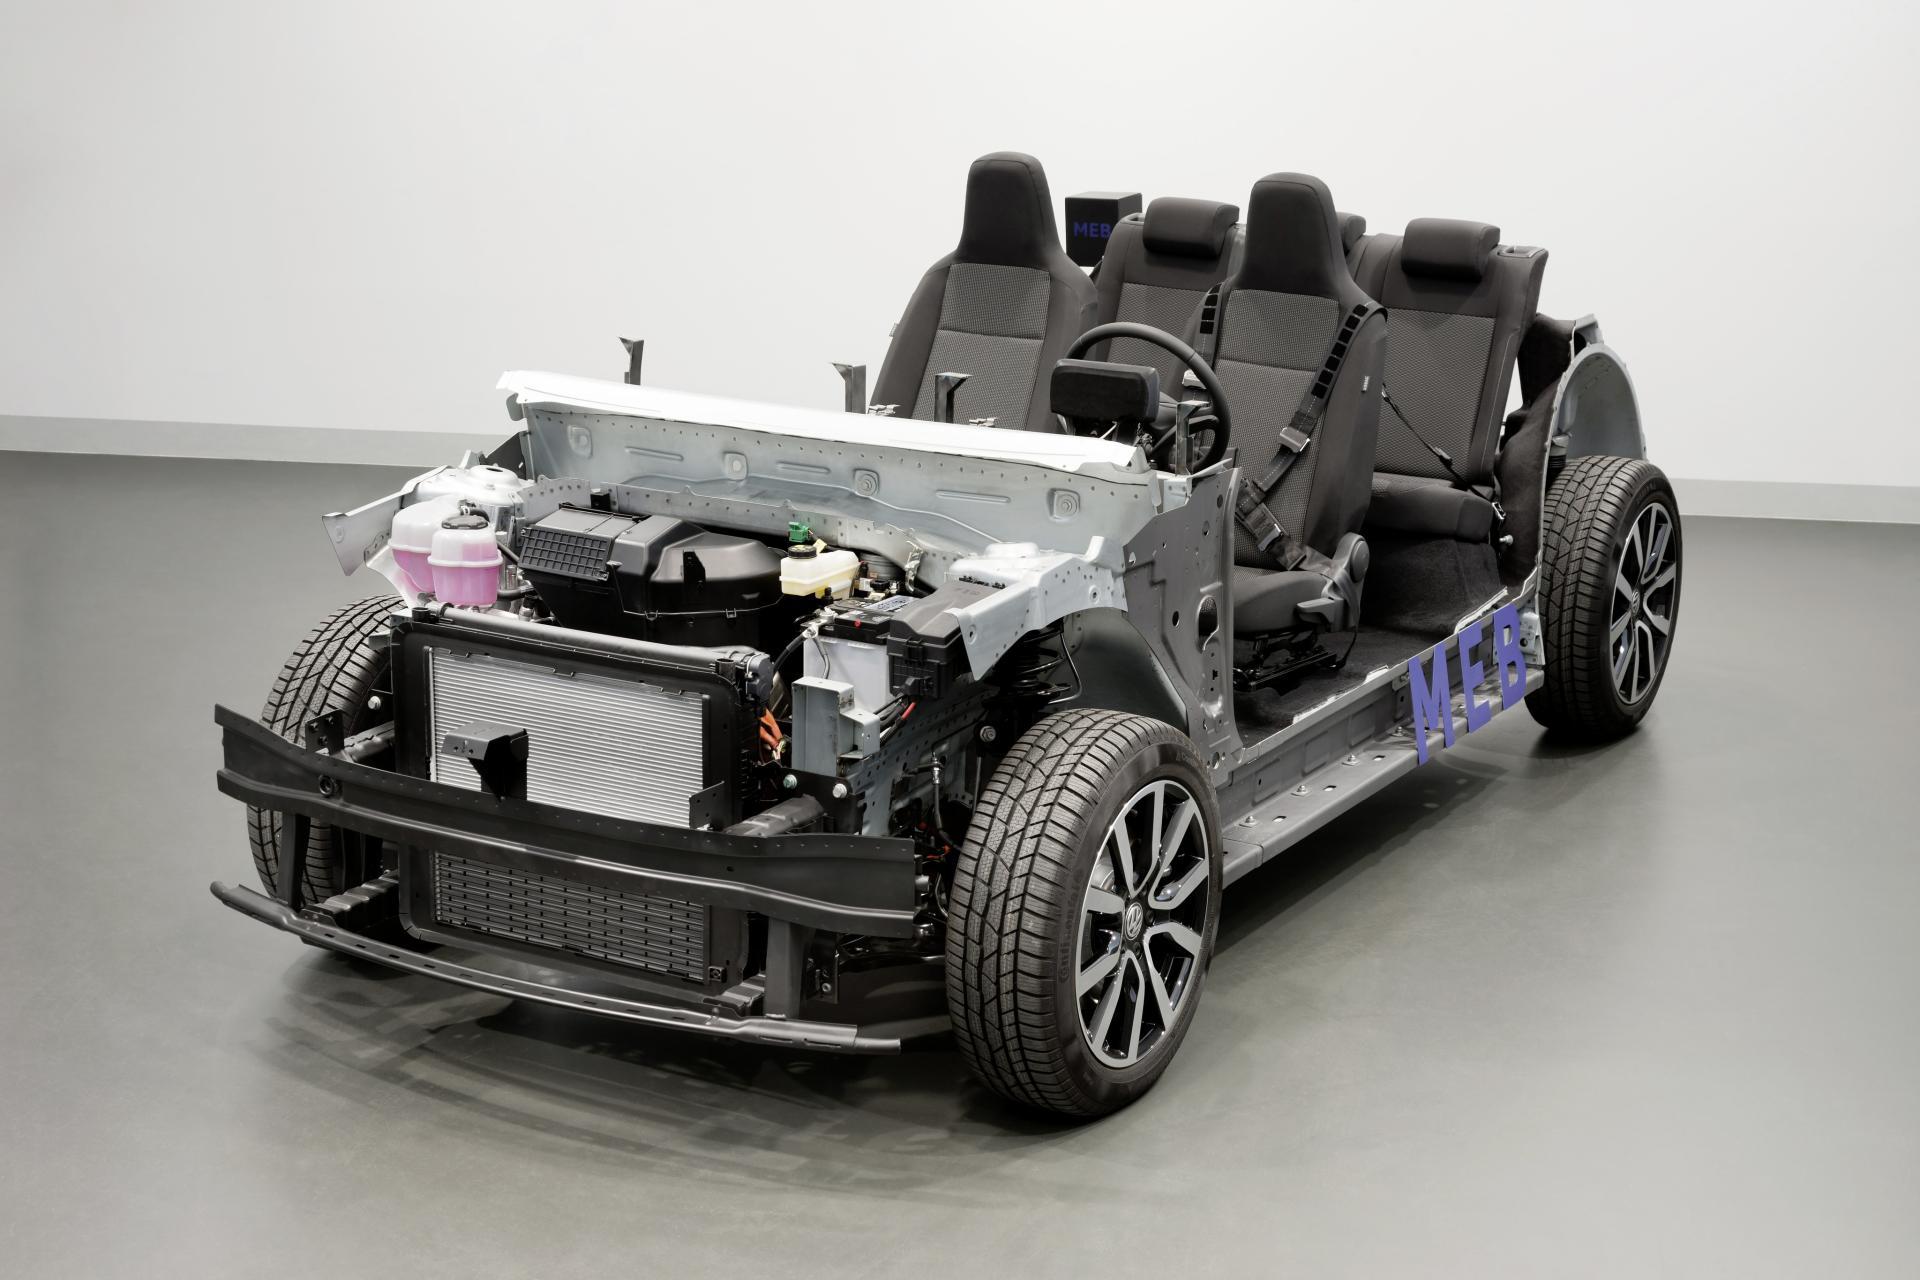 """Ford gilt mit seiner Elektrostrategie bislang als Nachzügler. Der Elektro-Crossover Mustang Mach-E, soll ab 2021 in Deutschland erstmals ausgeliefert werden. Künftig könnte es aber auch der Fall sein, dass der Stromer in Deutschland gefertigt wird. Der FAZ und Automobilwoche zufolge stehe ein Milliarden-Invest für das im Kölner Stadtteil Niehl angesiedelte Werk im Raum. Damit wolle man das Werk zum europäischen Produktionshub für Fords E-Autos wandeln. Im Gespräch als Produktionsstandort waren neben Köln auch Saarlouis und das rumänische Werk Kraiowa, das wegen niedrigerer Lohnkosten als Favorit galt. Entsprechende Gerüchte wurden vonseiten Ford bisher nicht kommentiert. Ganz klar ist allerdings, dass die Vorteile nicht von der Hand zu weisen wären. Denn so könnte Ford künftig Entwicklung und Produktion auch in räumlicher Nähe näher zueinander ansiedeln. Aktuell fließt viel Expertise aus dem Ford-Standort Köln, genauer gesagt aus dem """"John-Andrews-Entwicklungszentrum"""" in die E-Autos des Unternehmens. Ob allerdings bereits der Mach-E davon profitieren wird ist fraglich. Die FAZ glaubt eher, dass das Investment einem anderen Ford-Modell zu gute kommt. Einem Stromer, welcher auf der Elektro-Produktionsplattform MEB des Volkswagen-Konzerns entstehen wird. Das nach dem Mustang Mach-Ezweite Elektroauto von Ford soll 2023debütieren und ein, zwei Segmente tiefer angesetzt sein als der obere Mittelklasse Crossover. Wie bereits bekannt wird dieses Modellauf VWs Elektroauto-Baukasten MEB aufsitzen. Ford und VW haben dafür bereits im vergangenen Jahr eine Vereinbarung über die Lieferung von zunächst 600.000 MEB-Plattformen getroffen. Das Auto soll aber, so Fords Europachef Stuart Rowley, """"kein VW"""" sein und sich """"deutlich abheben"""" von den Wolfsburger Stromern. Es soll das typische Ford-Design bekommen und auch bei der Fahrdynamik anders ausgelegt sein als Volkswagens MEB-Elektroautos. Quelle: FAZ - Elektroautos auf dem Vormarsch // Automobilwoche - Kölner Ford-Werk erhält offenb"""